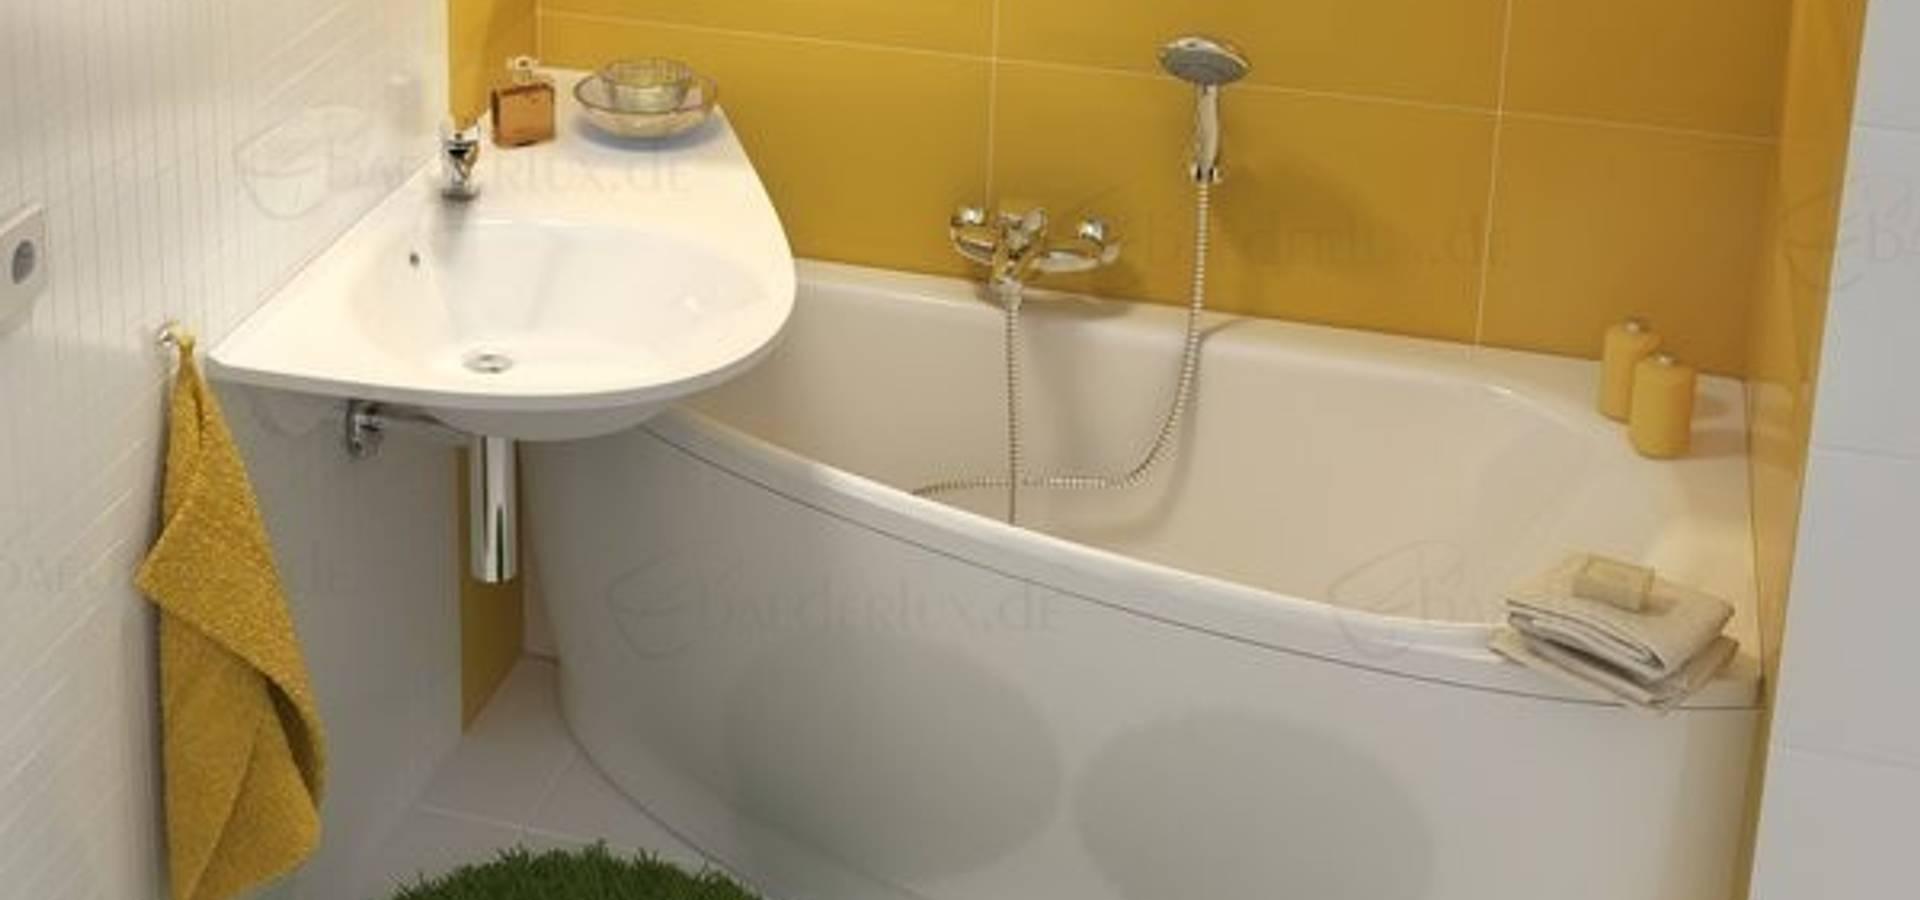 kleine badewannen von stach daiker gbr homify. Black Bedroom Furniture Sets. Home Design Ideas